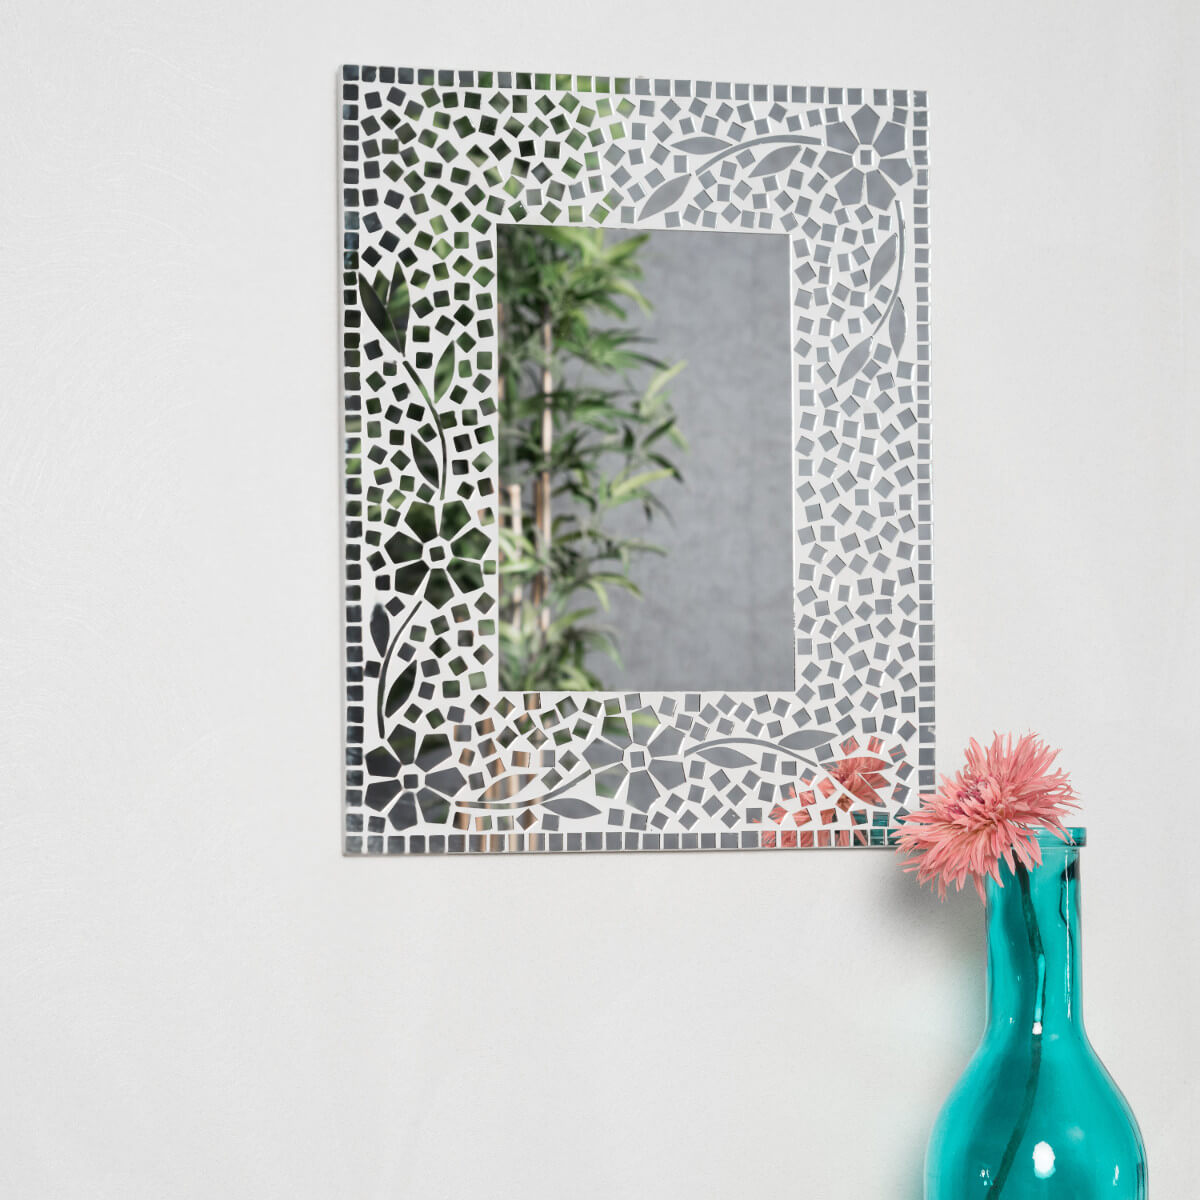 miroir moaique fleur design 40cm x 50cm salon chambre. Black Bedroom Furniture Sets. Home Design Ideas